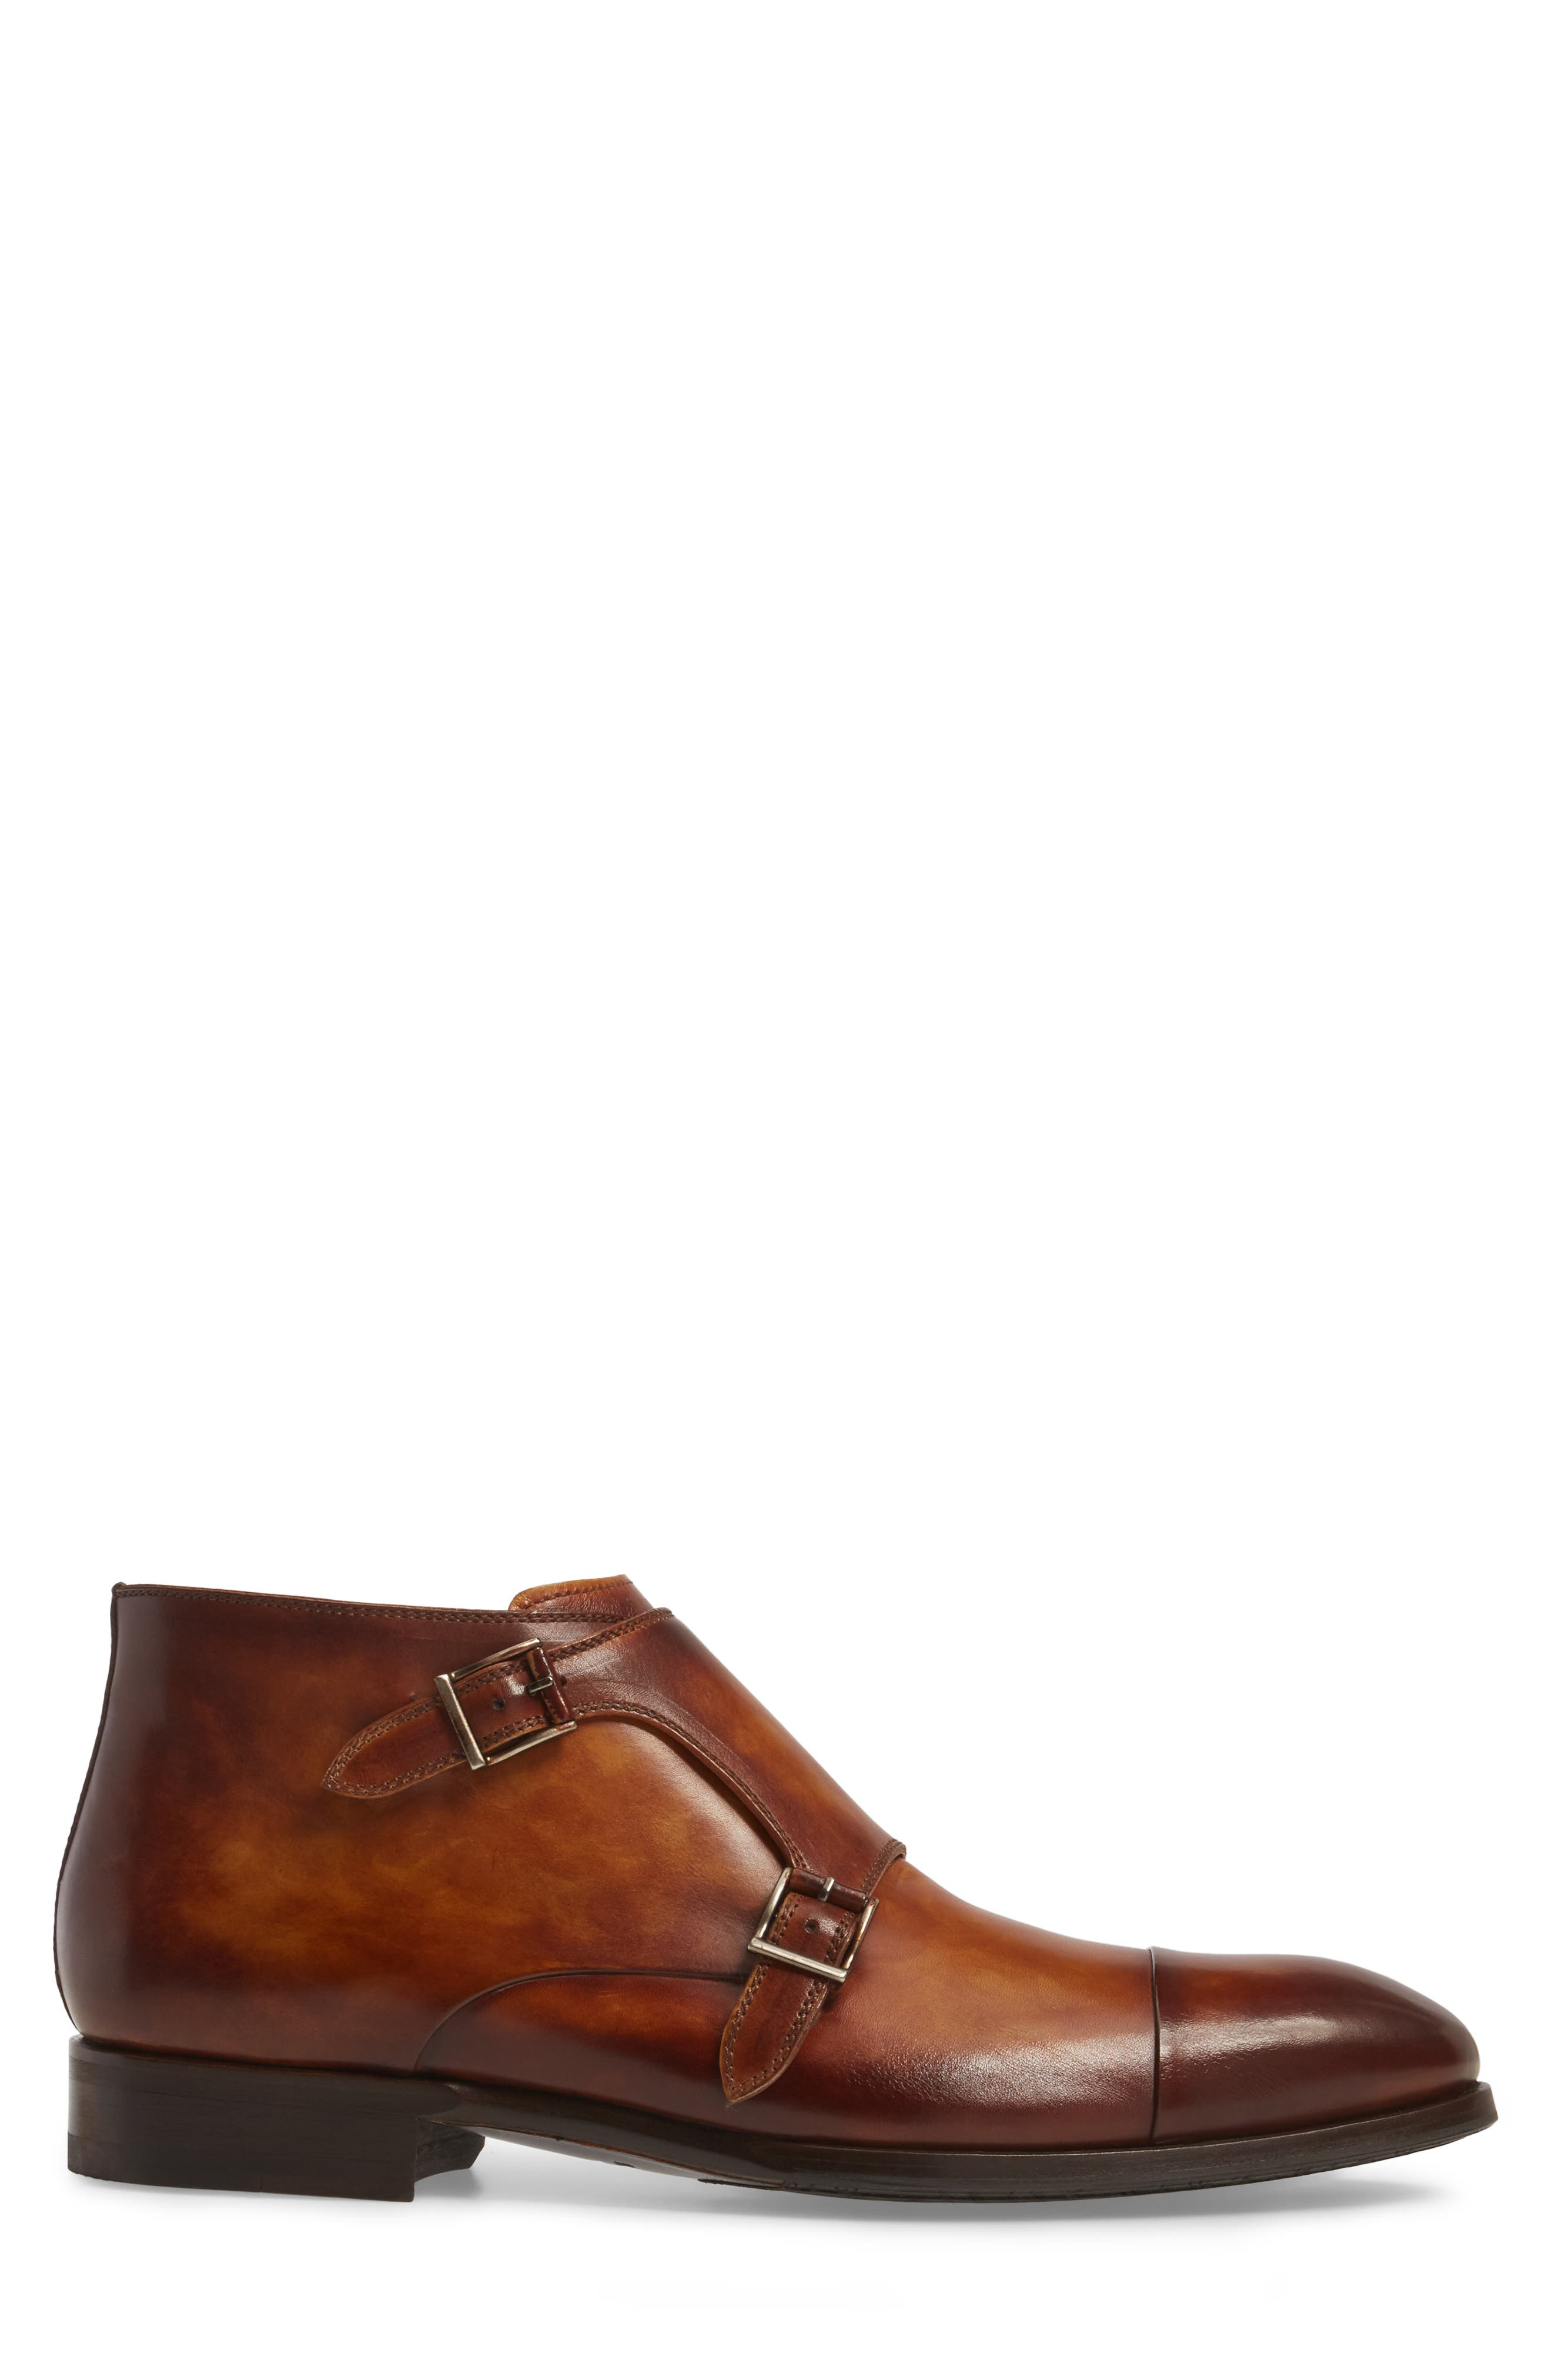 Lavar Double Monk Strap Boot,                             Alternate thumbnail 3, color,                             210